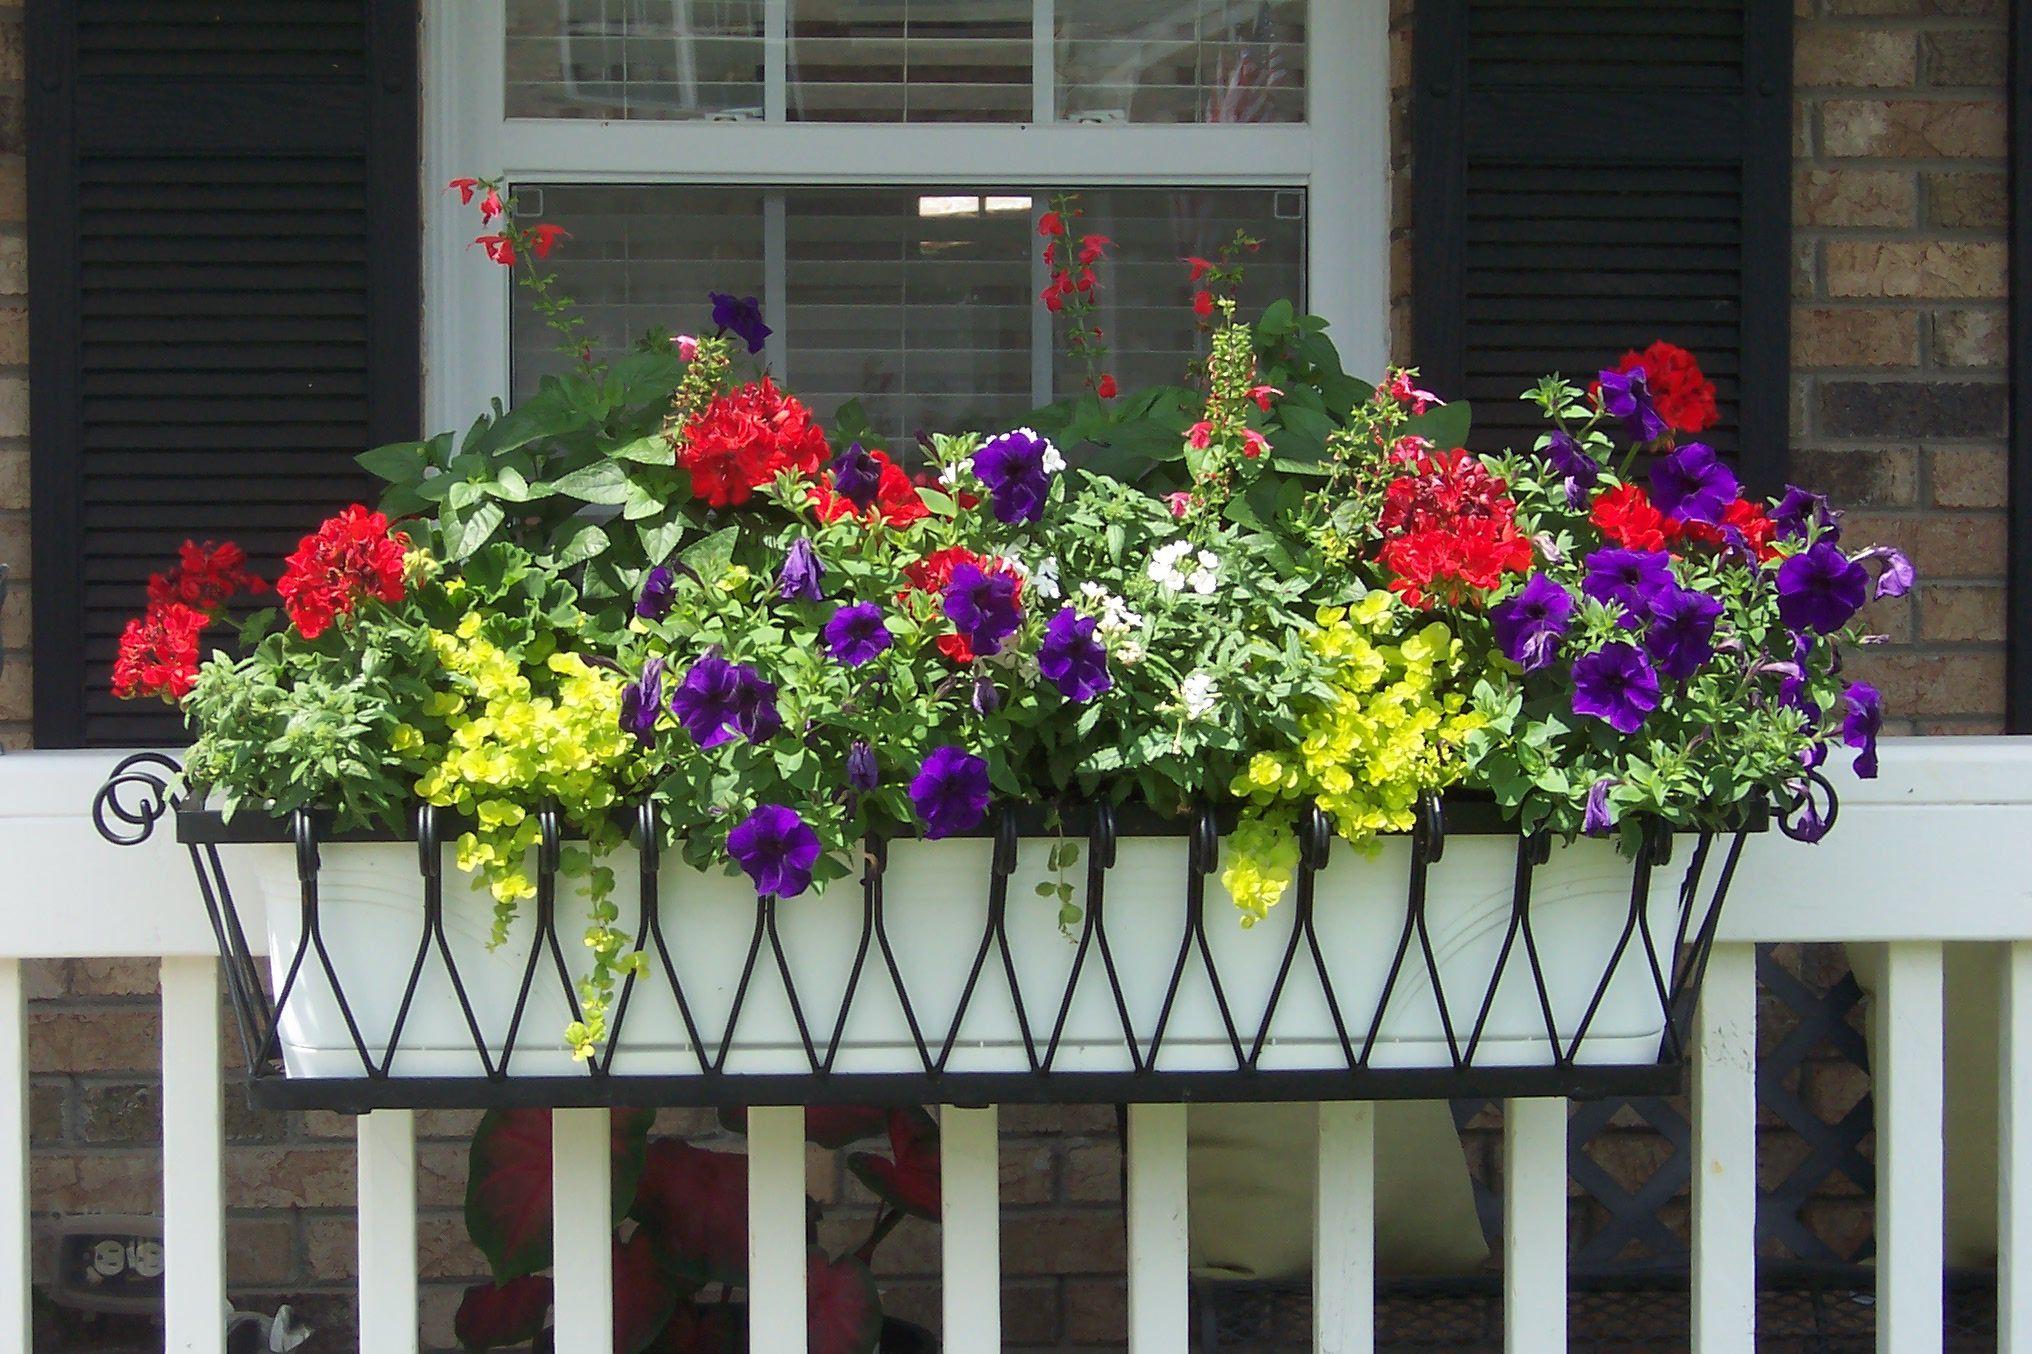 Deck Rail Flower Planter Boxes